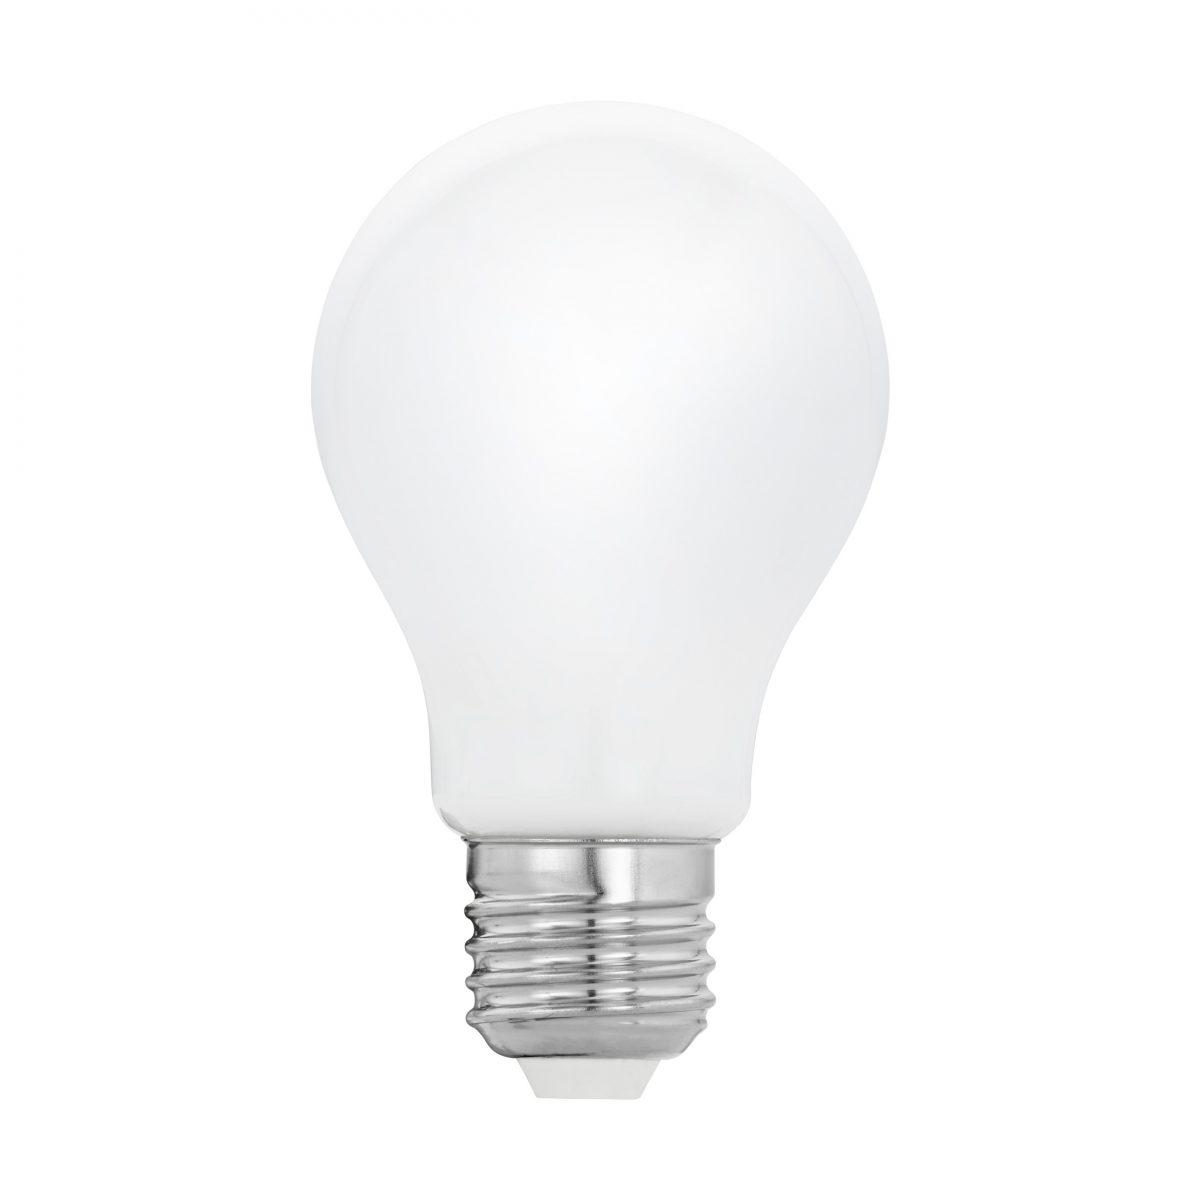 Лампа полупроводниковая LED EGLO 12561 - Фото №28